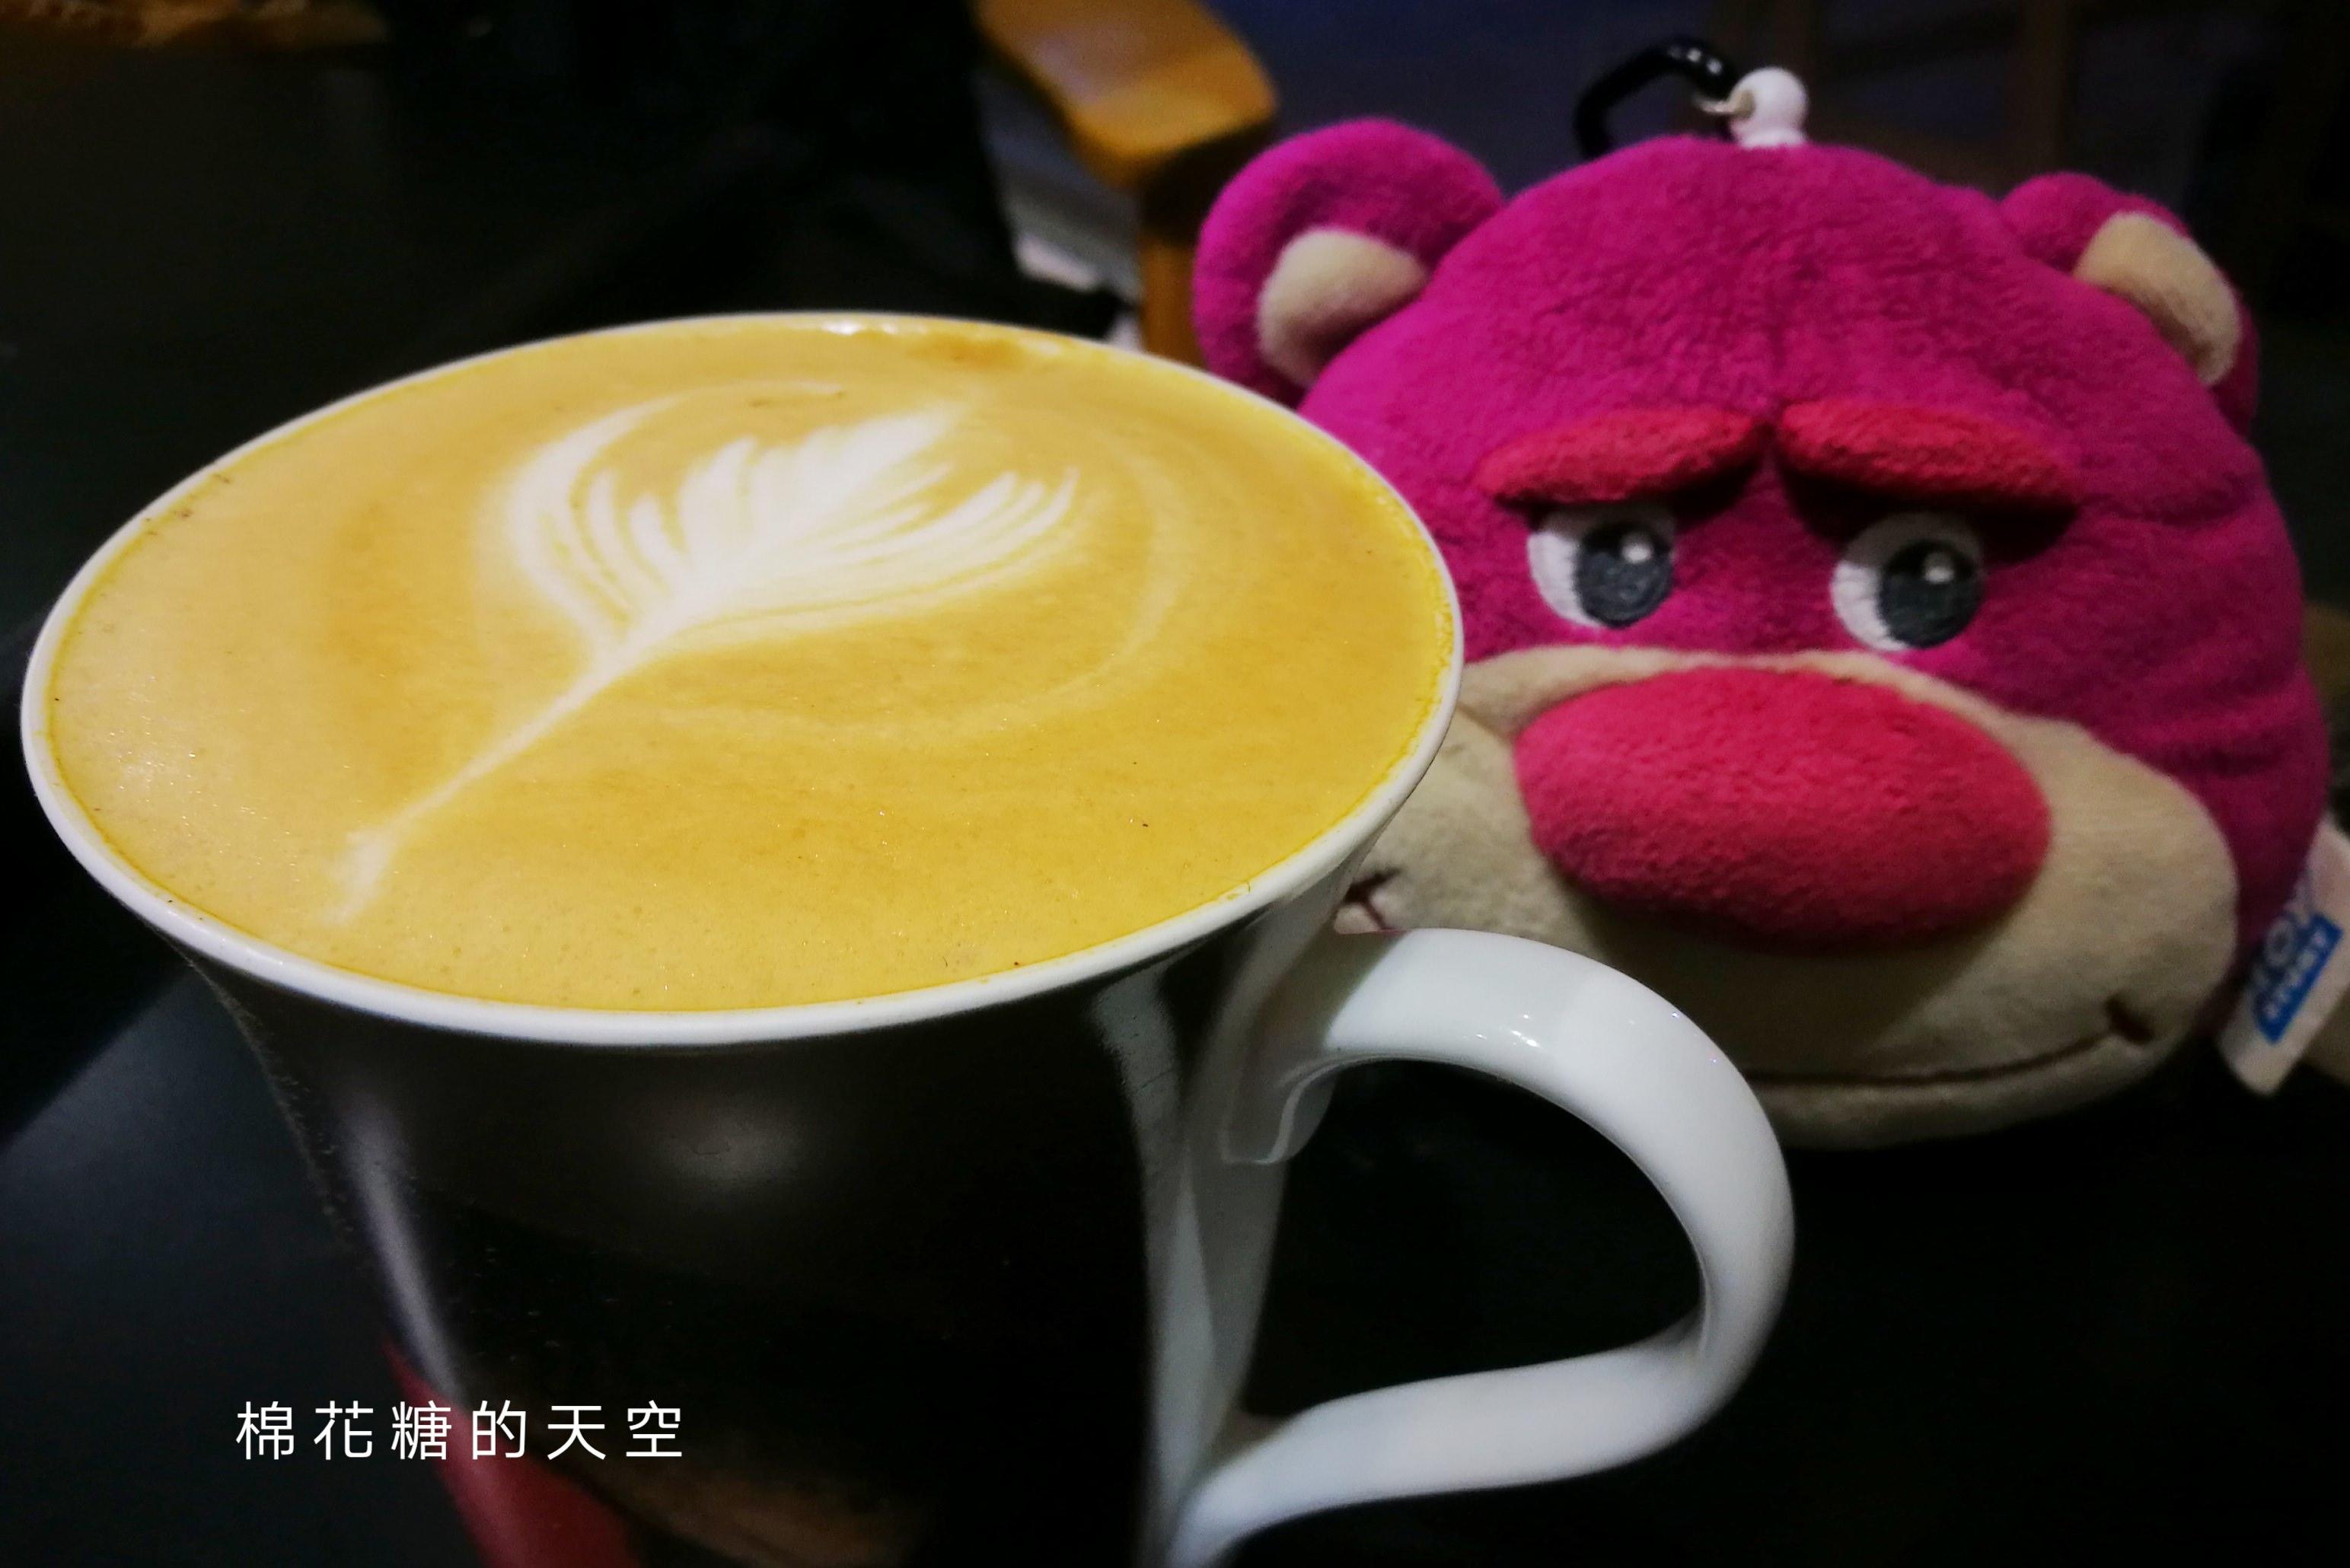 10/1國際咖啡日,八家咖啡優惠懶人包,買一送一、第二杯半價通通有